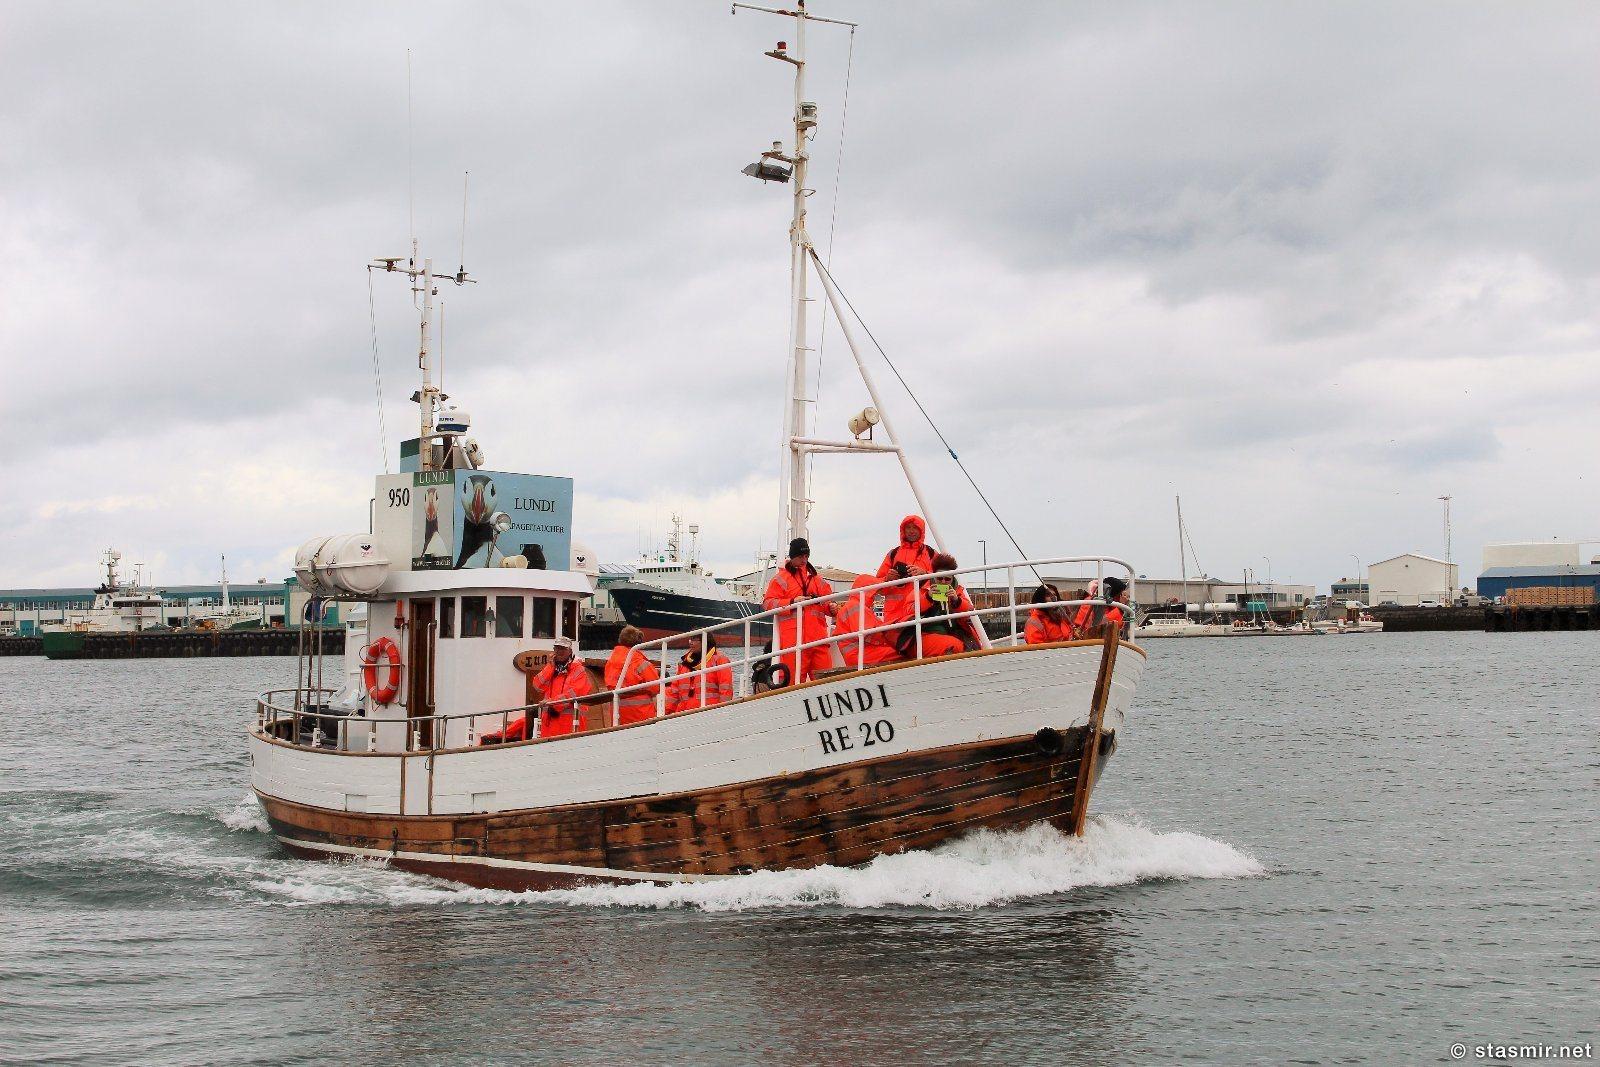 Концертный зал Харпа, Старая гавань Исландии, яхты, Залив Факсафлоу, морская рыбалка из Рейкьявика, судно Lundi, Photo Stasmir